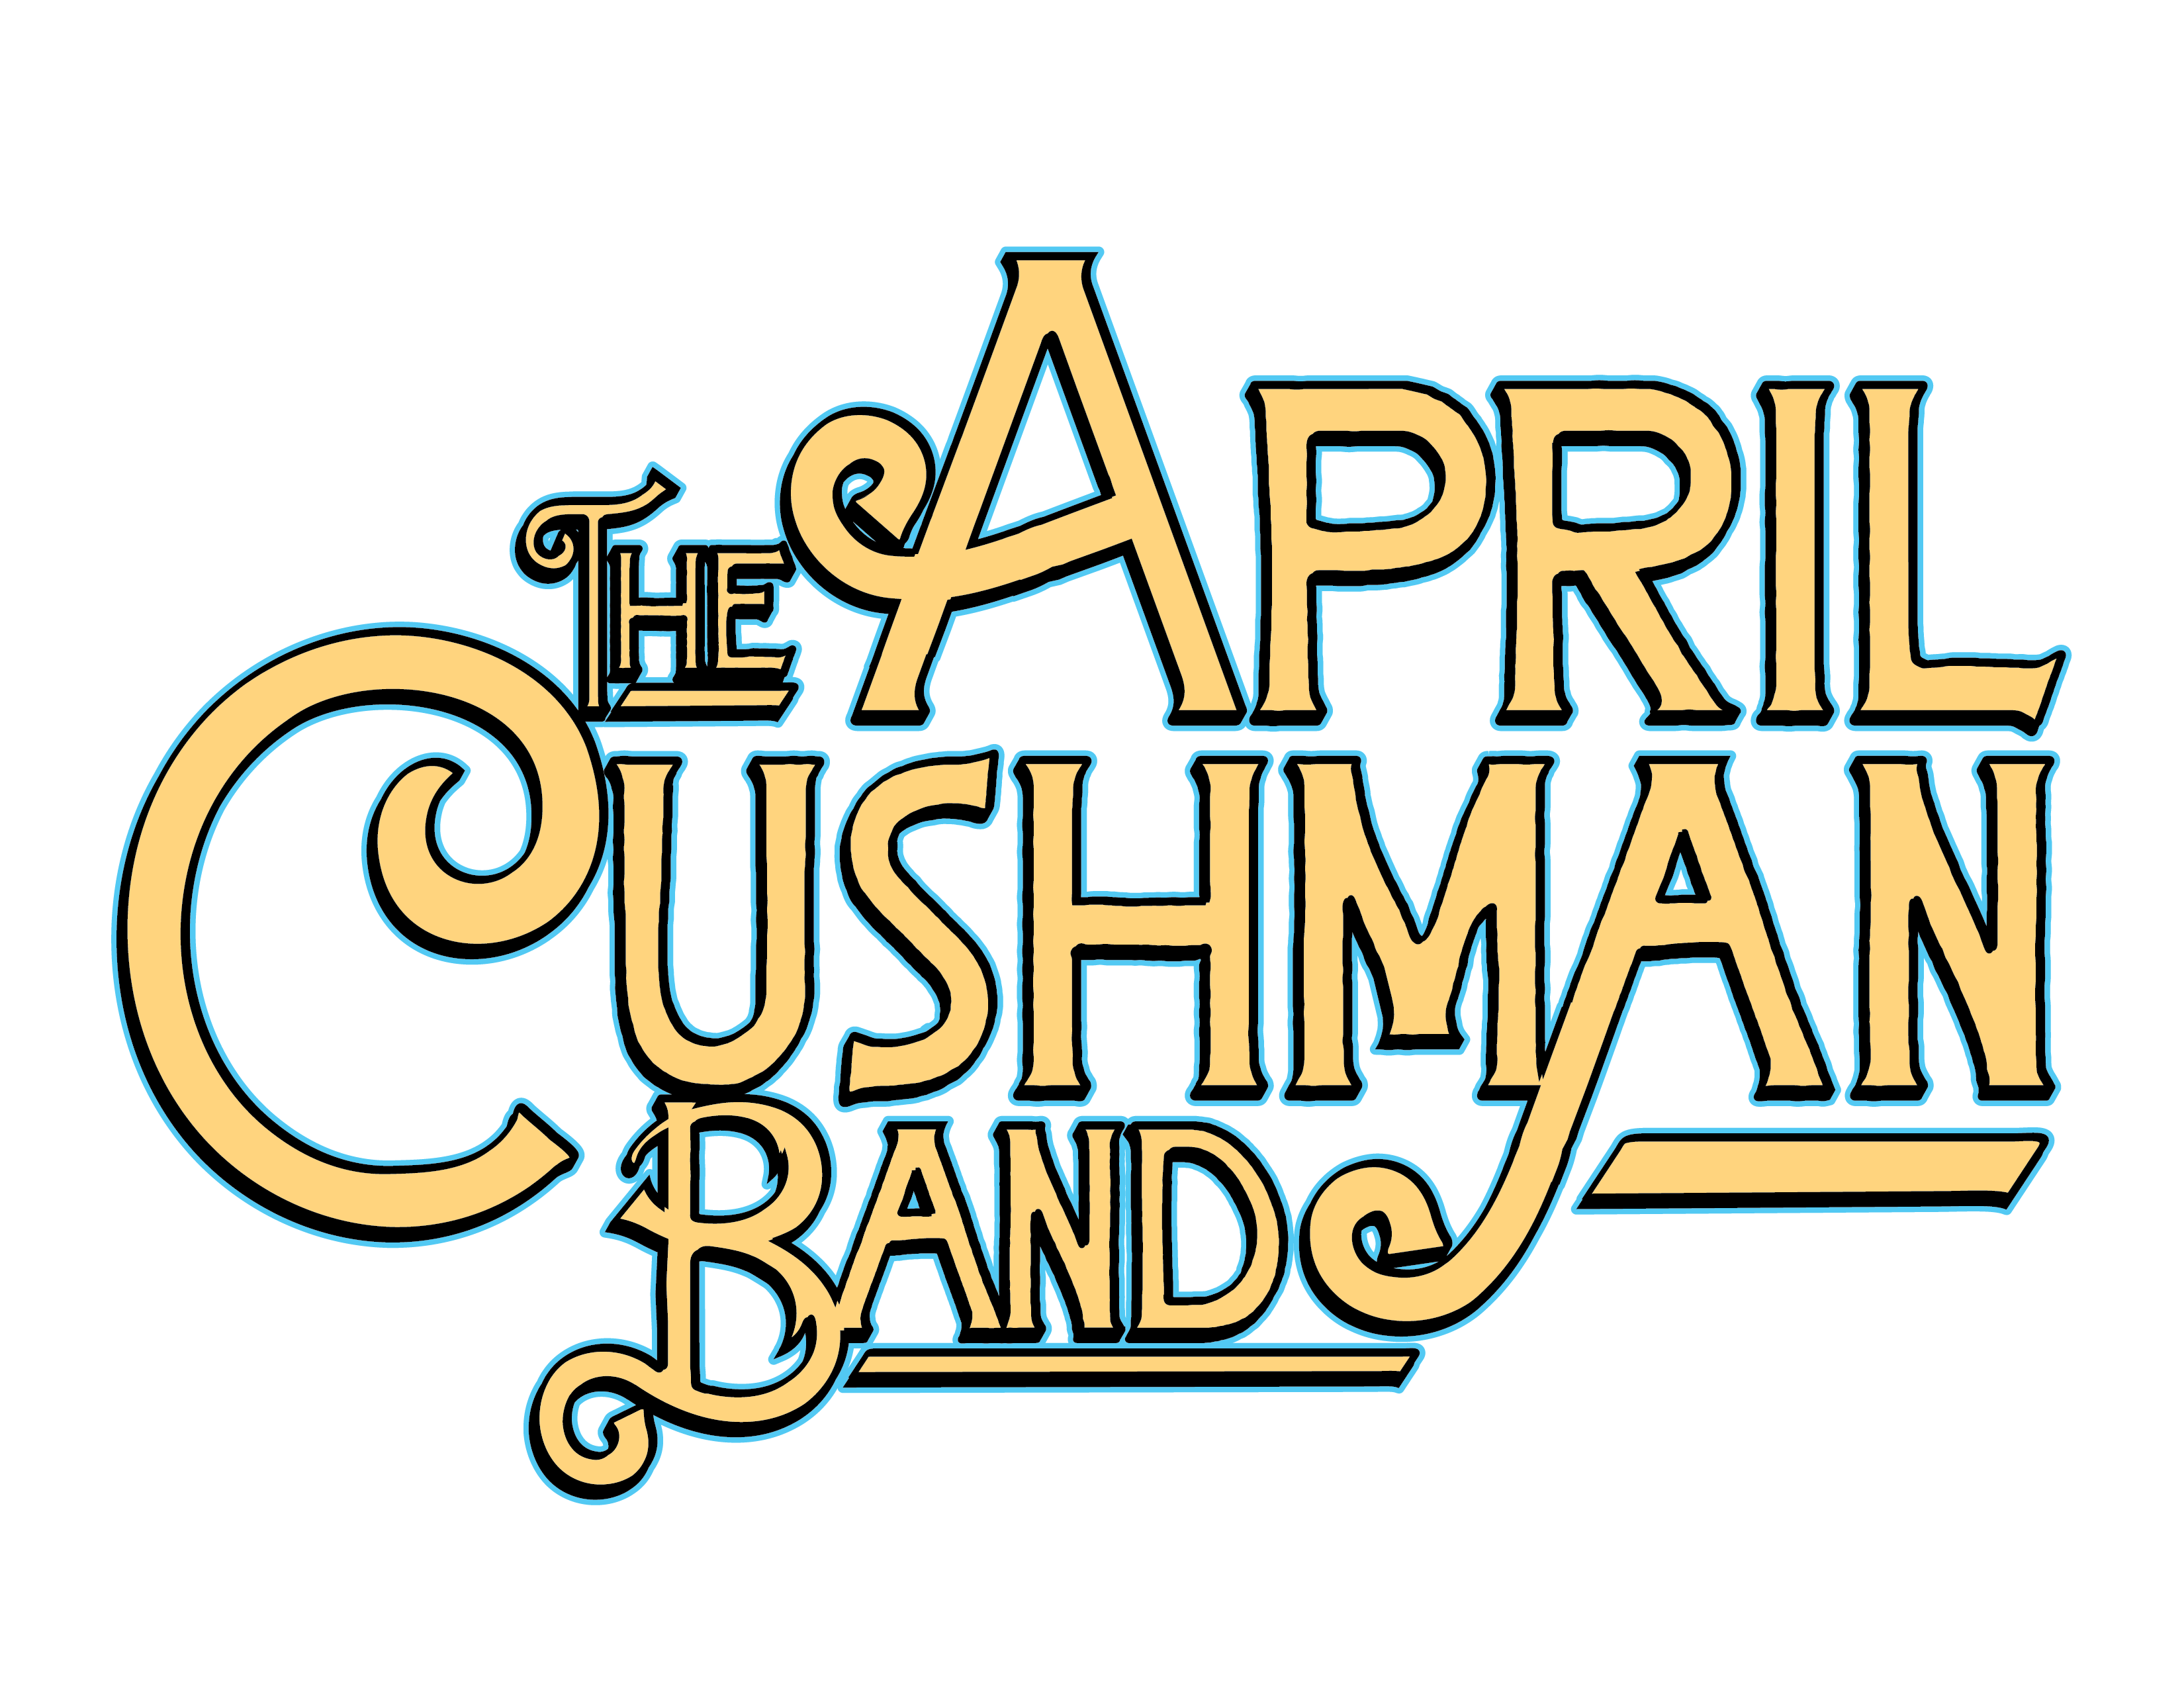 The April Cushman Band